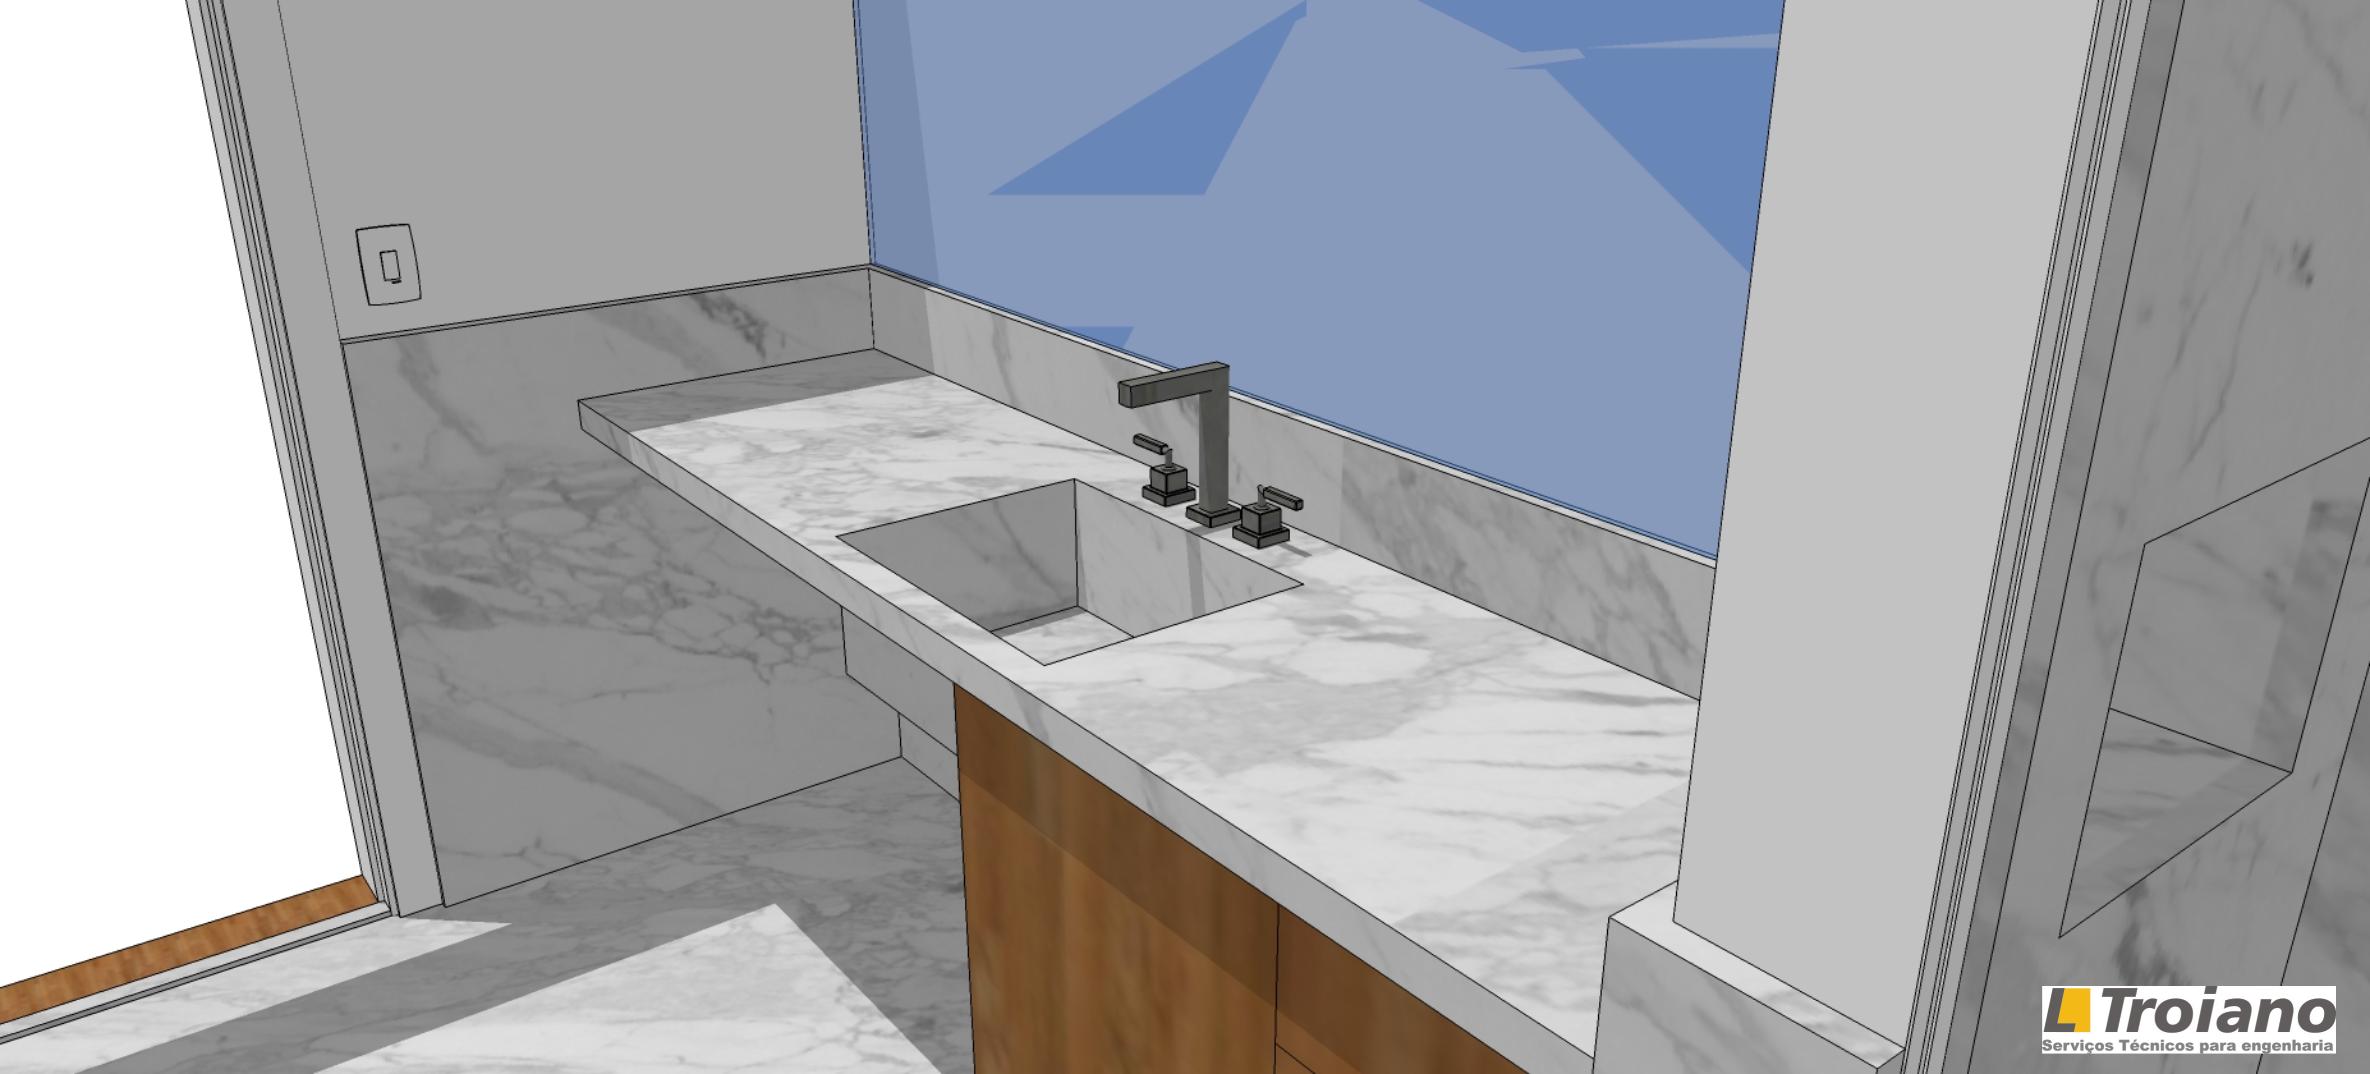 Banheiro desenhado com Sktechup